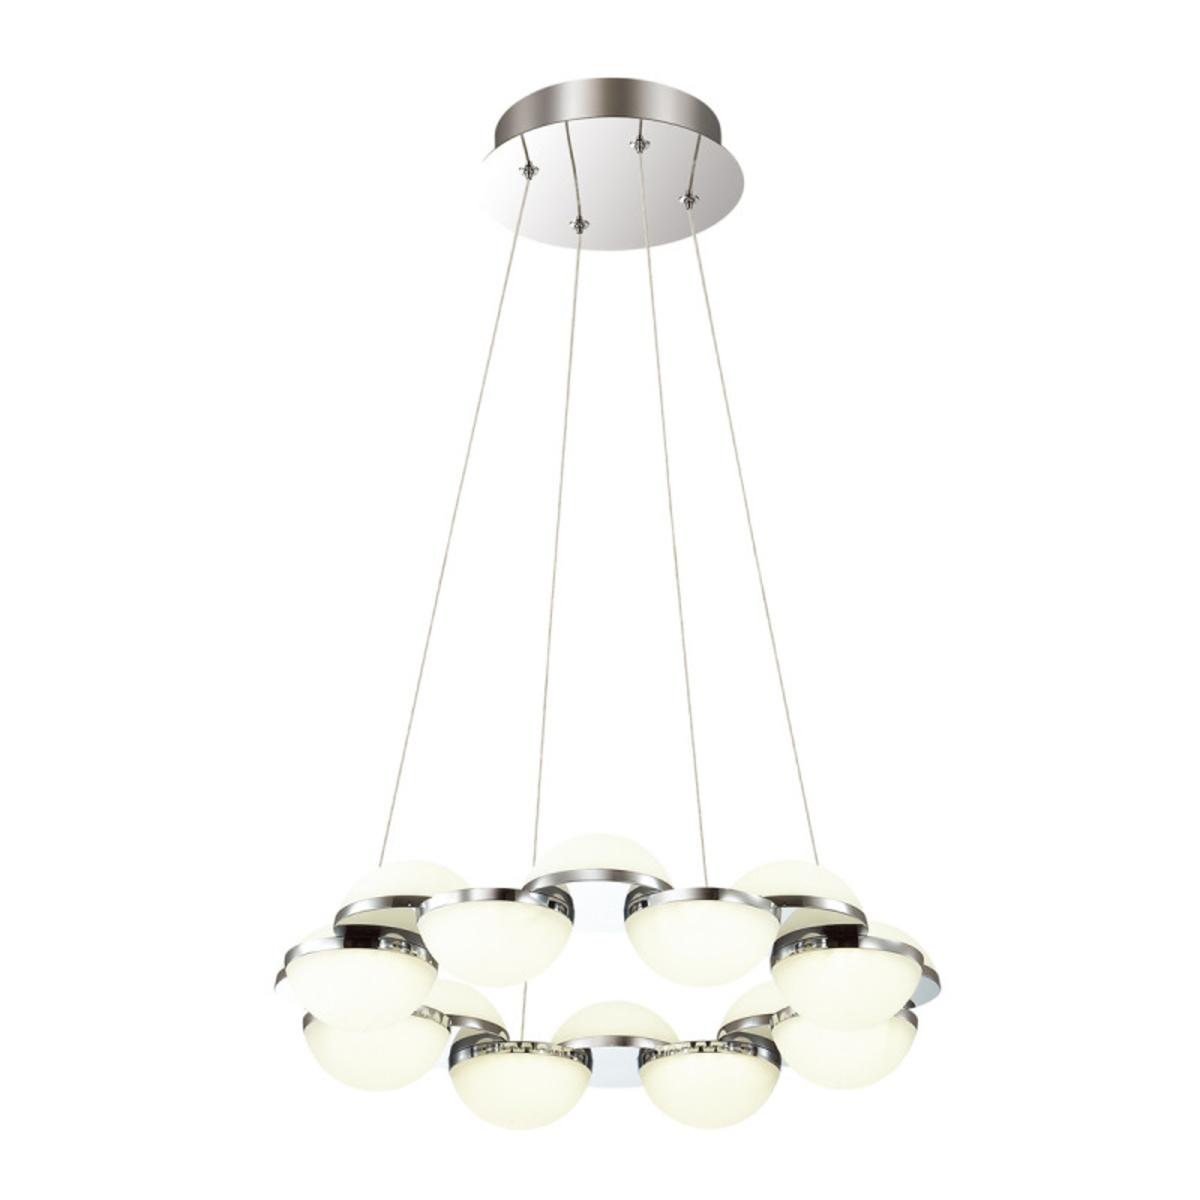 Купить Подвесной светильник Conti Подвесной светильник Odeon Light 4106/64L (15566), HomeMe